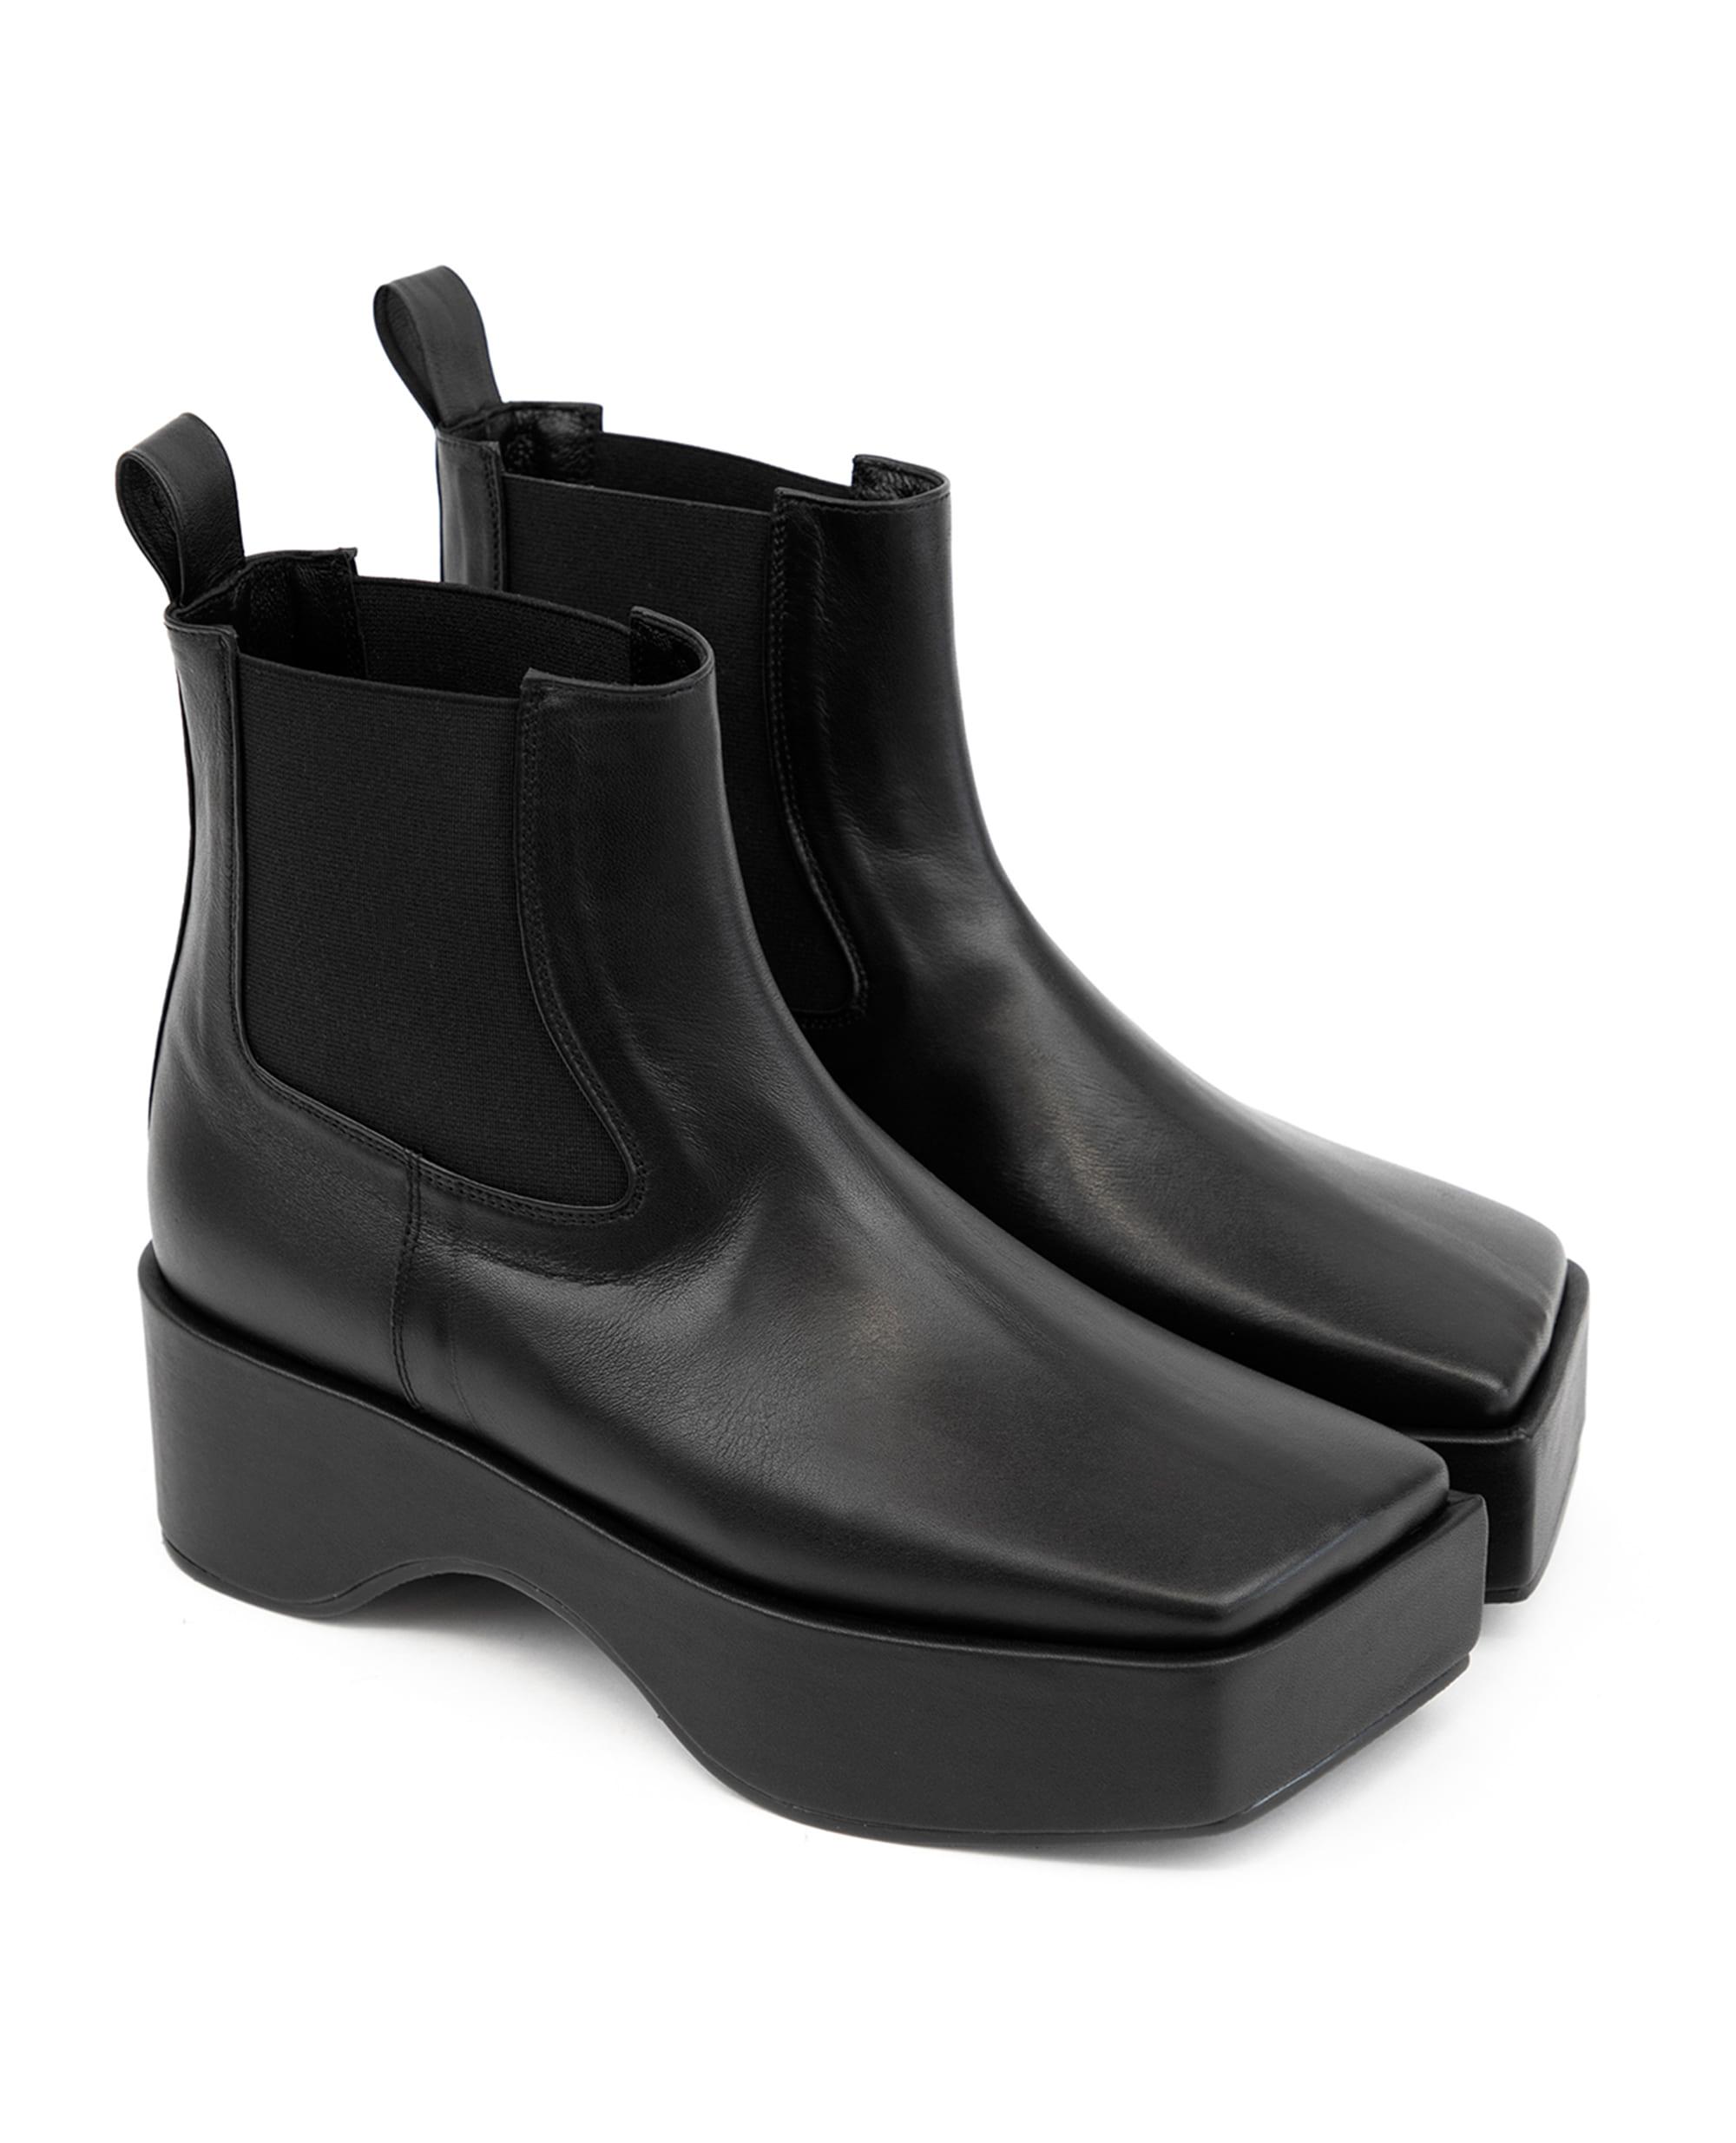 플랫아파트먼트, FLAT APARTMENT, 플랫아파트먼트 신발, FLAT APARTMENT SHOES, square toe shoes, platform, platform boots, platform shoes, square toe chelsea boots, square toe platform chelsea boots, chelsea boots, platform shoes, boots, square toe boots, square toe chelsea shoes, platform chelsea boots, platform chelsea, square toe shoes, 플랫폼 슈즈, 플랫폼 부츠, 부츠, 스퀘어토 부츠, 스퀘어토 첼시 부츠, 스퀘어토 플랫폼 첼시 부츠, 첼시 부츠, 플랫폼 첼시 슈즈, 사각코 부츠, 사각코 플랫폼 슈즈, 첼시 플랫폼 부츠, seoul fahsion, k fahsion, south korea shoes brand, order made shoes, 수제화, 주문제작 신발, 편한 신발